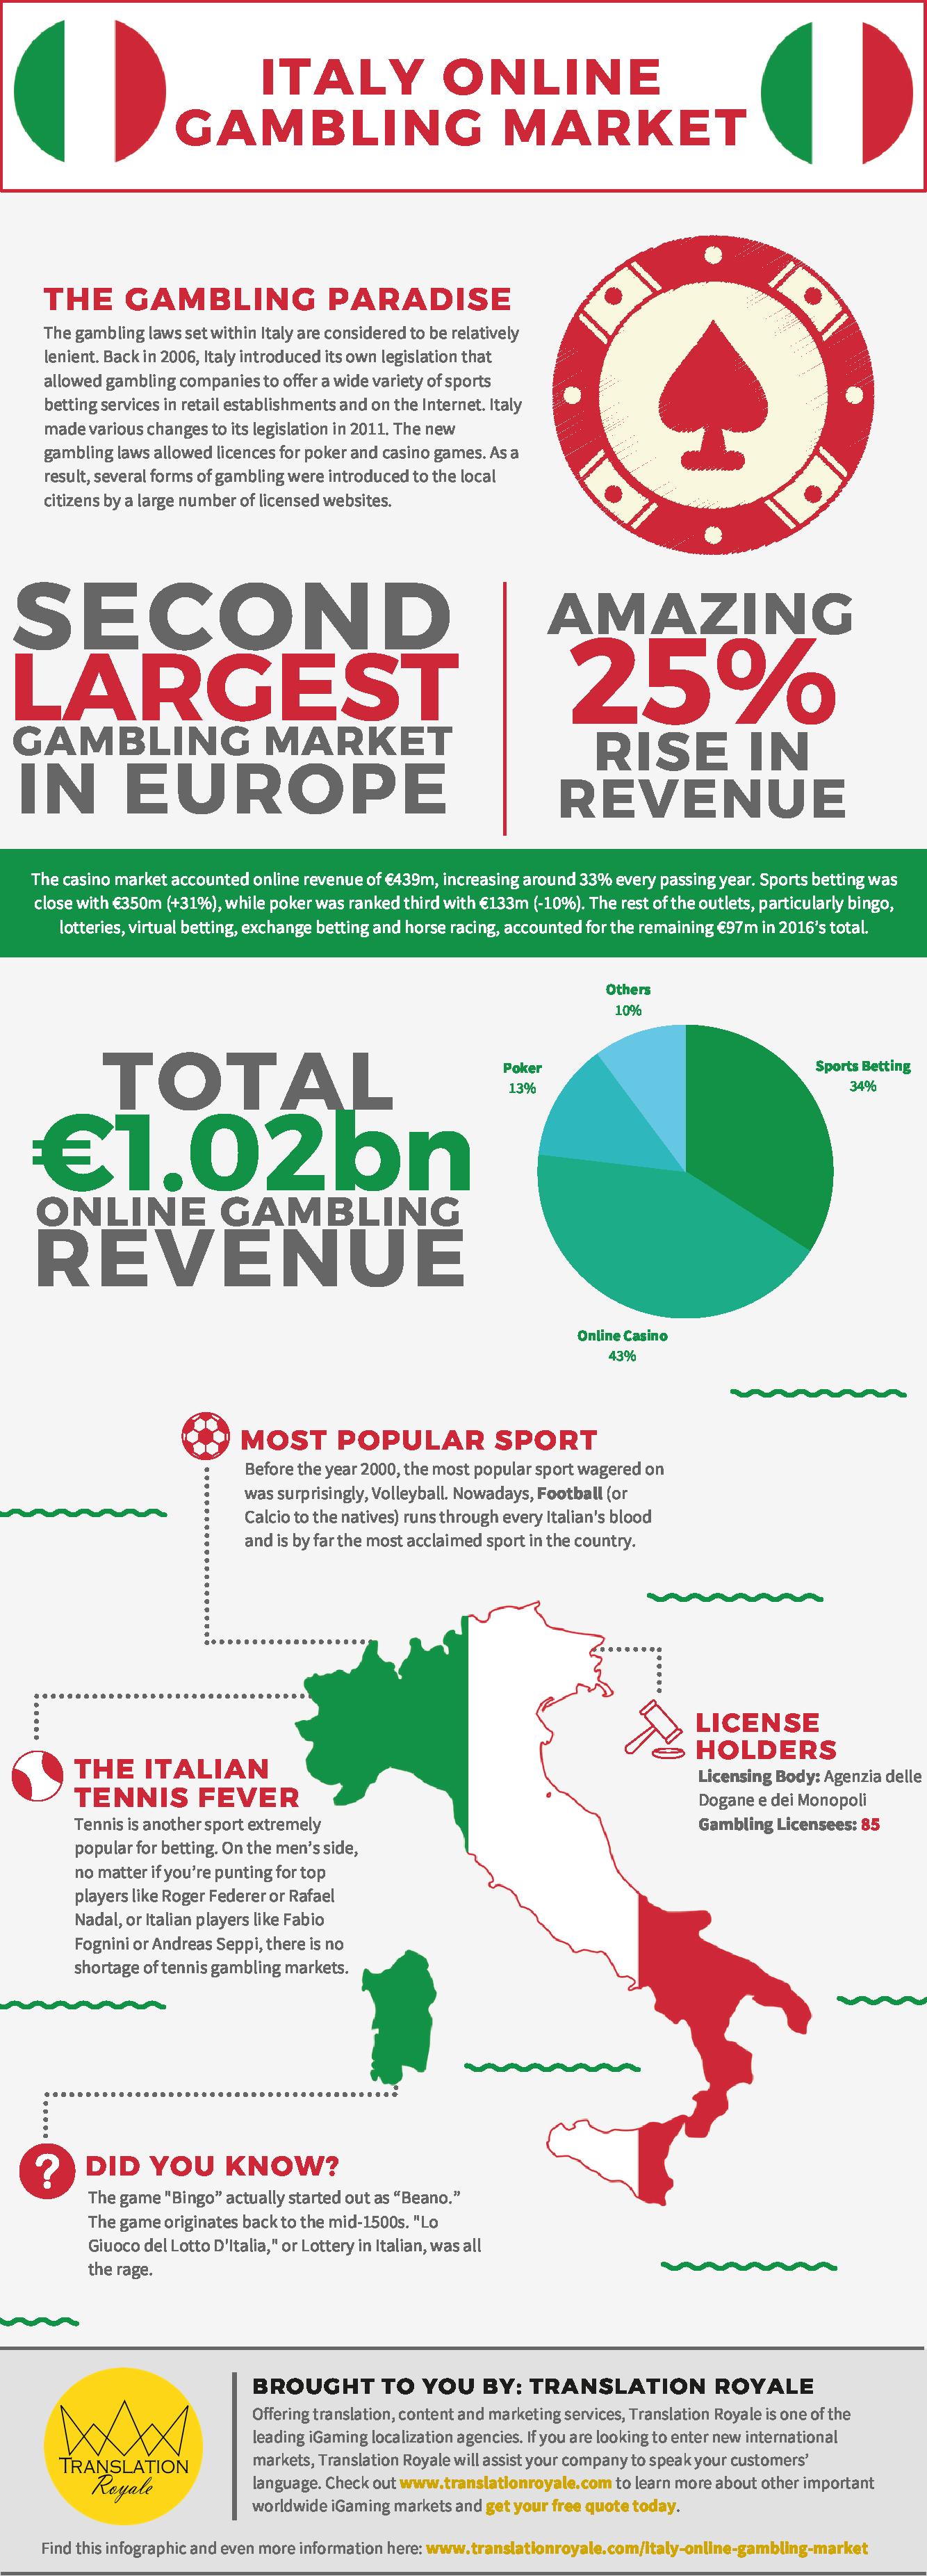 Italian online gambling market video poker patterns